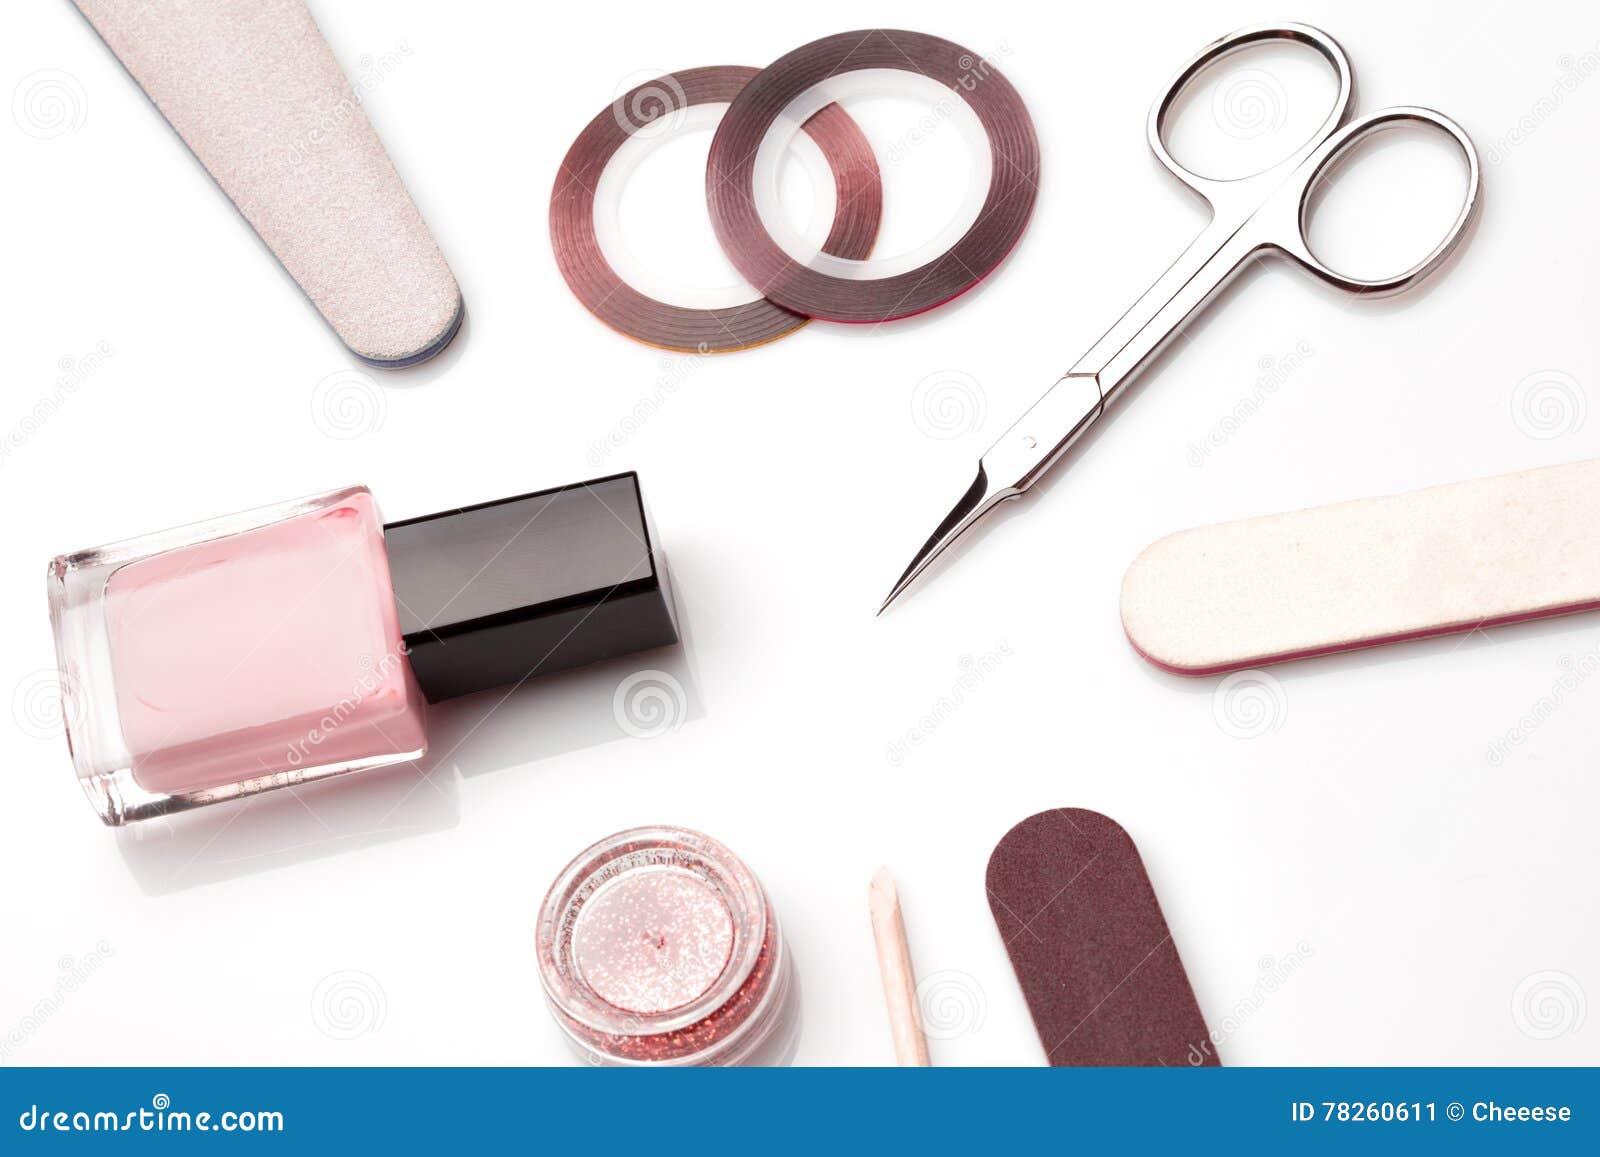 Εργαλεία μανικιούρ και pedicure στο λευκό